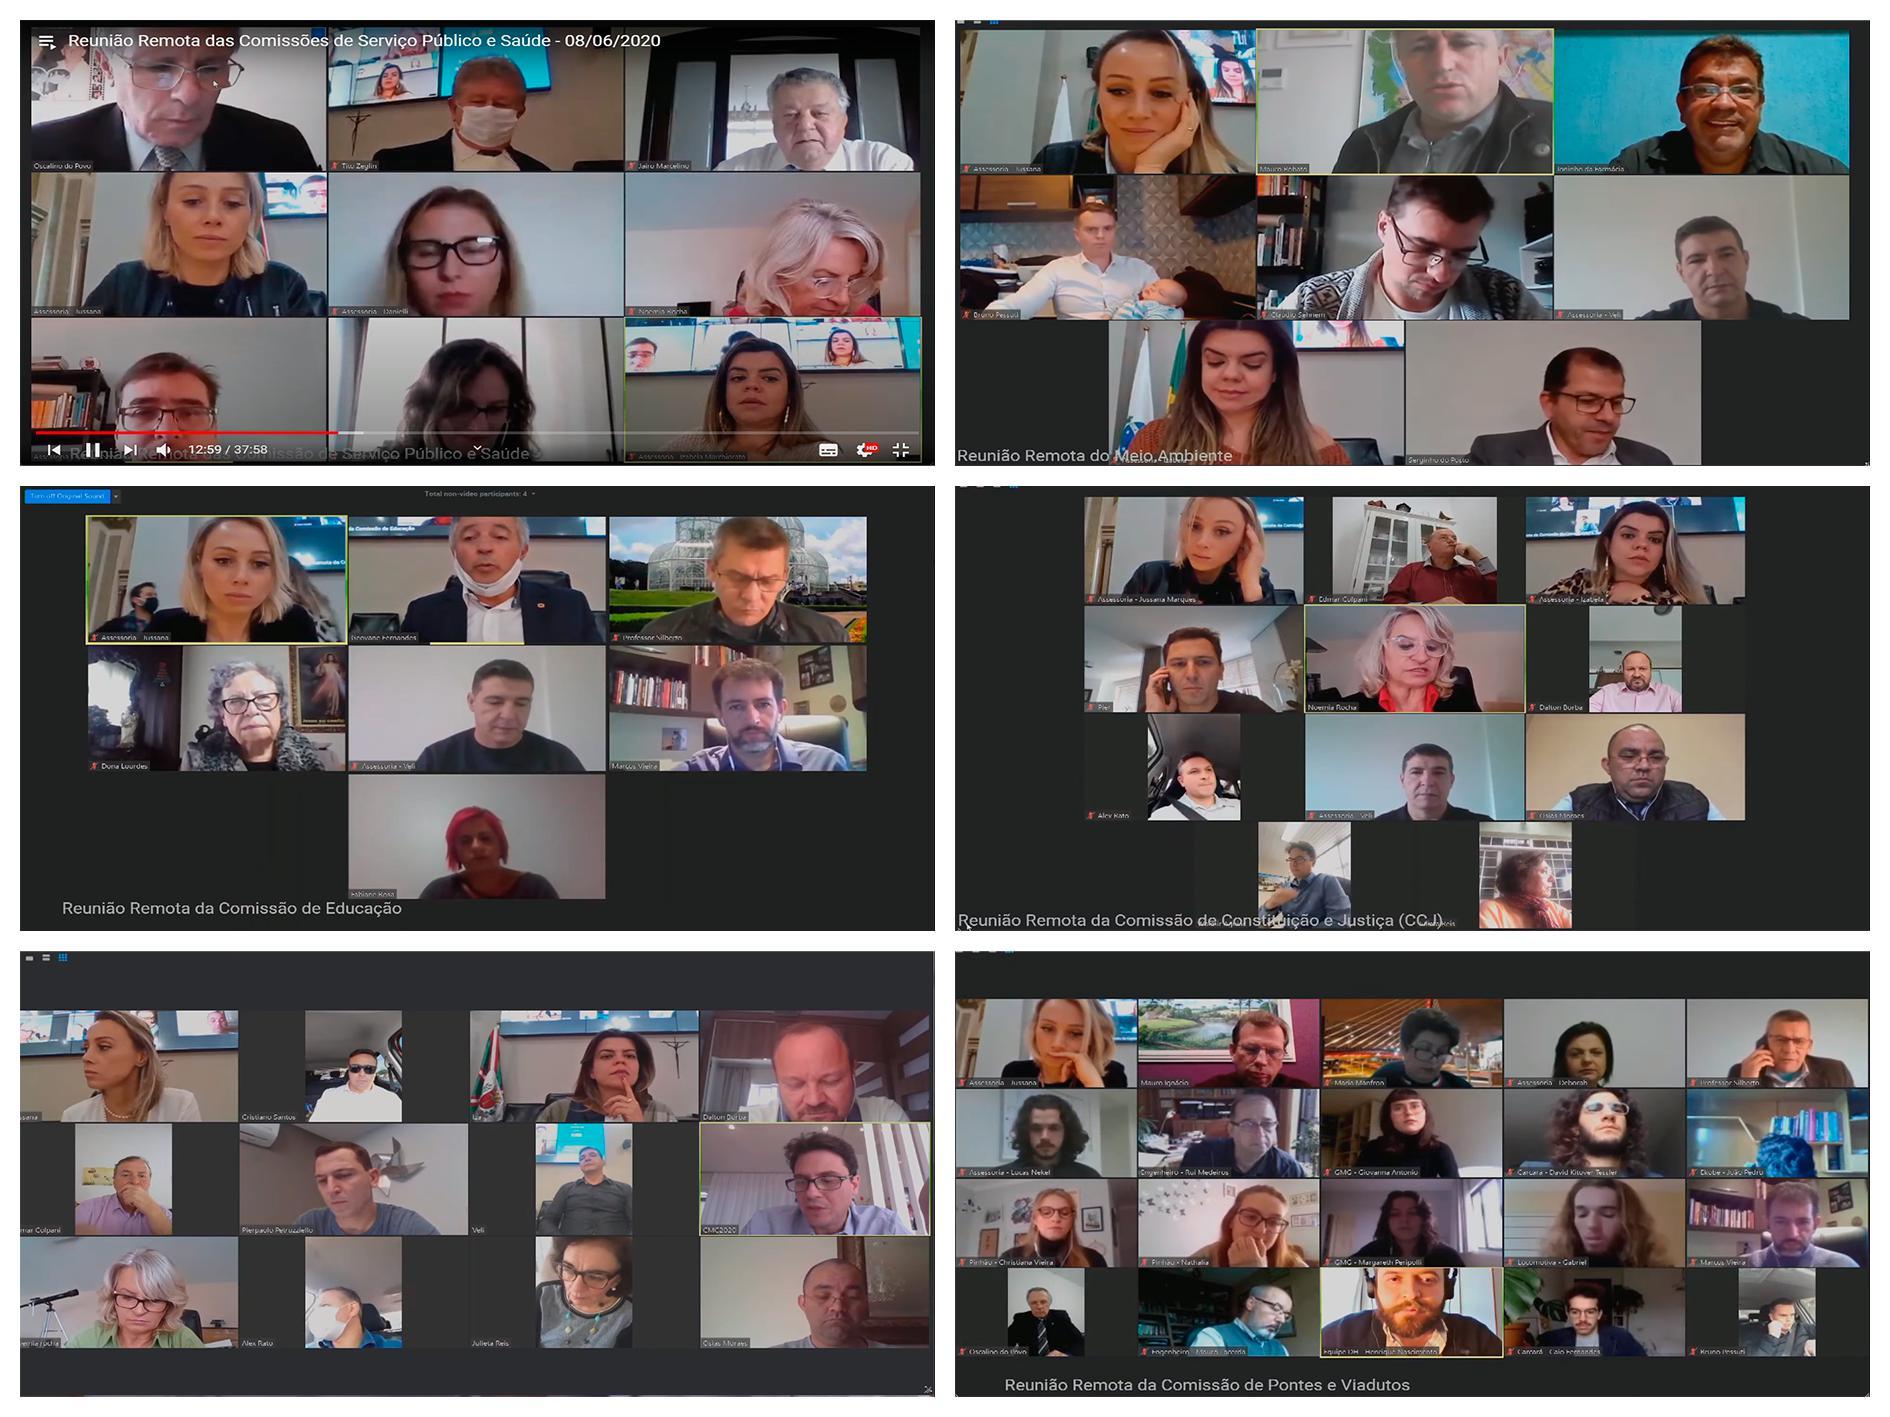 Balanço legislativo: com 56 reuniões virtuais, pandemia não parou comissões